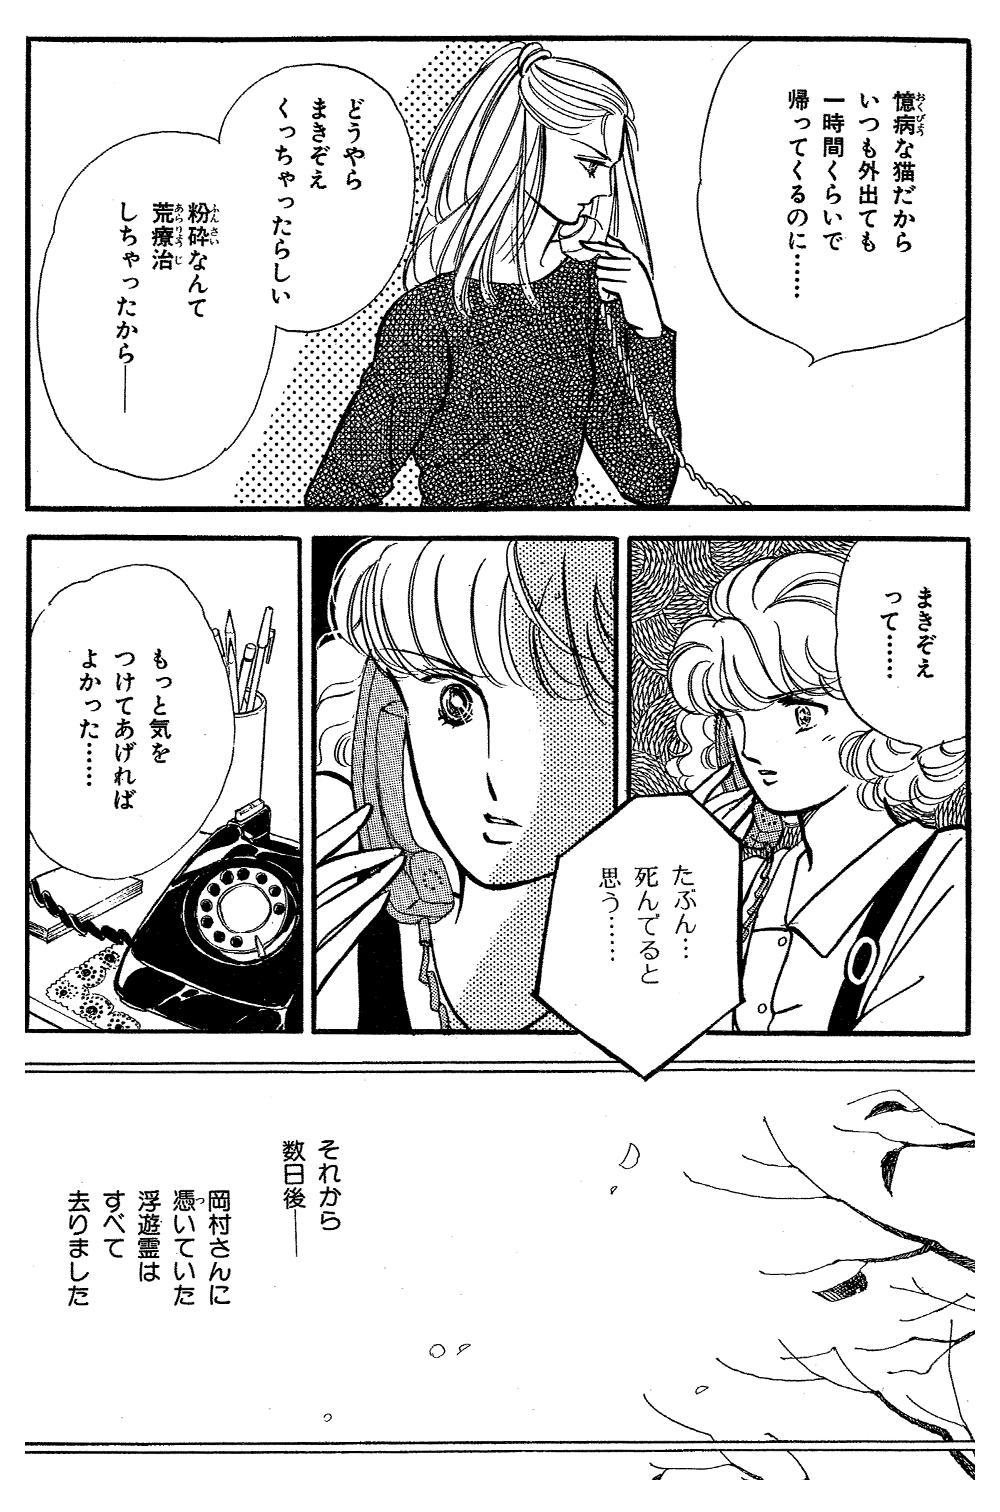 魔百合の恐怖報告  第3話「消えた黒猫」③mayuri09-07.jpg